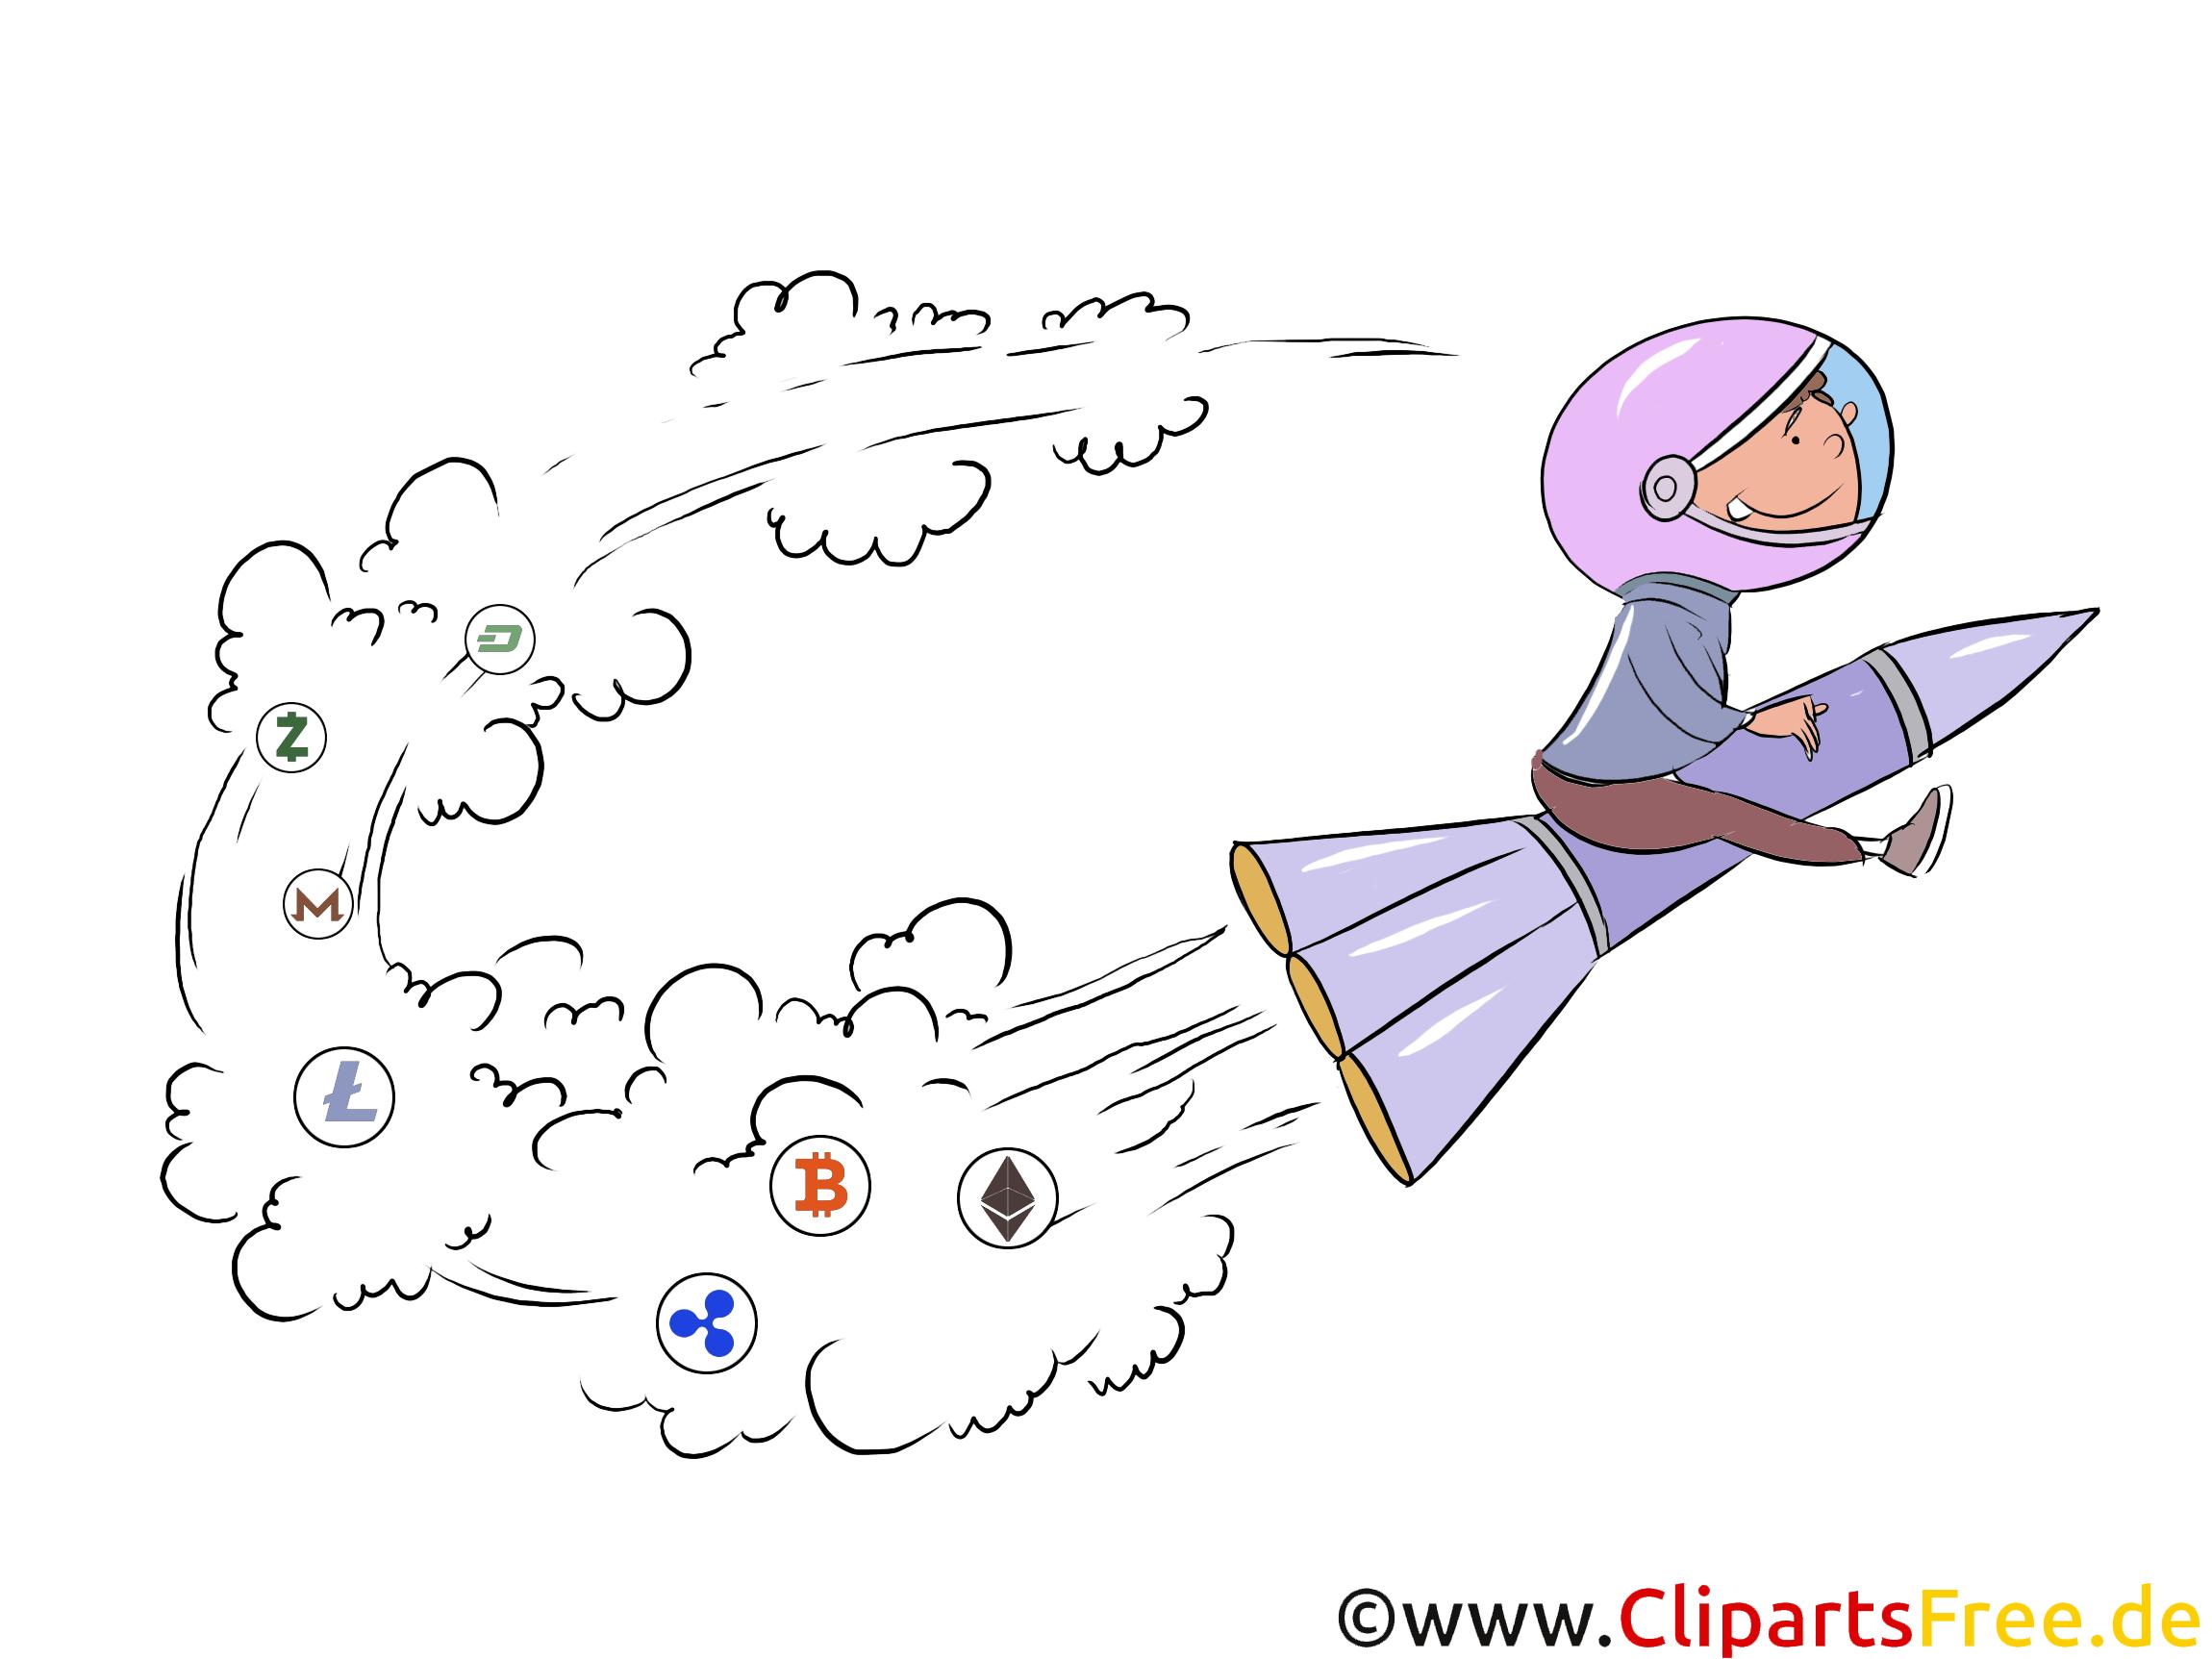 Krypto ist eine Rakete Clipart, Illustration